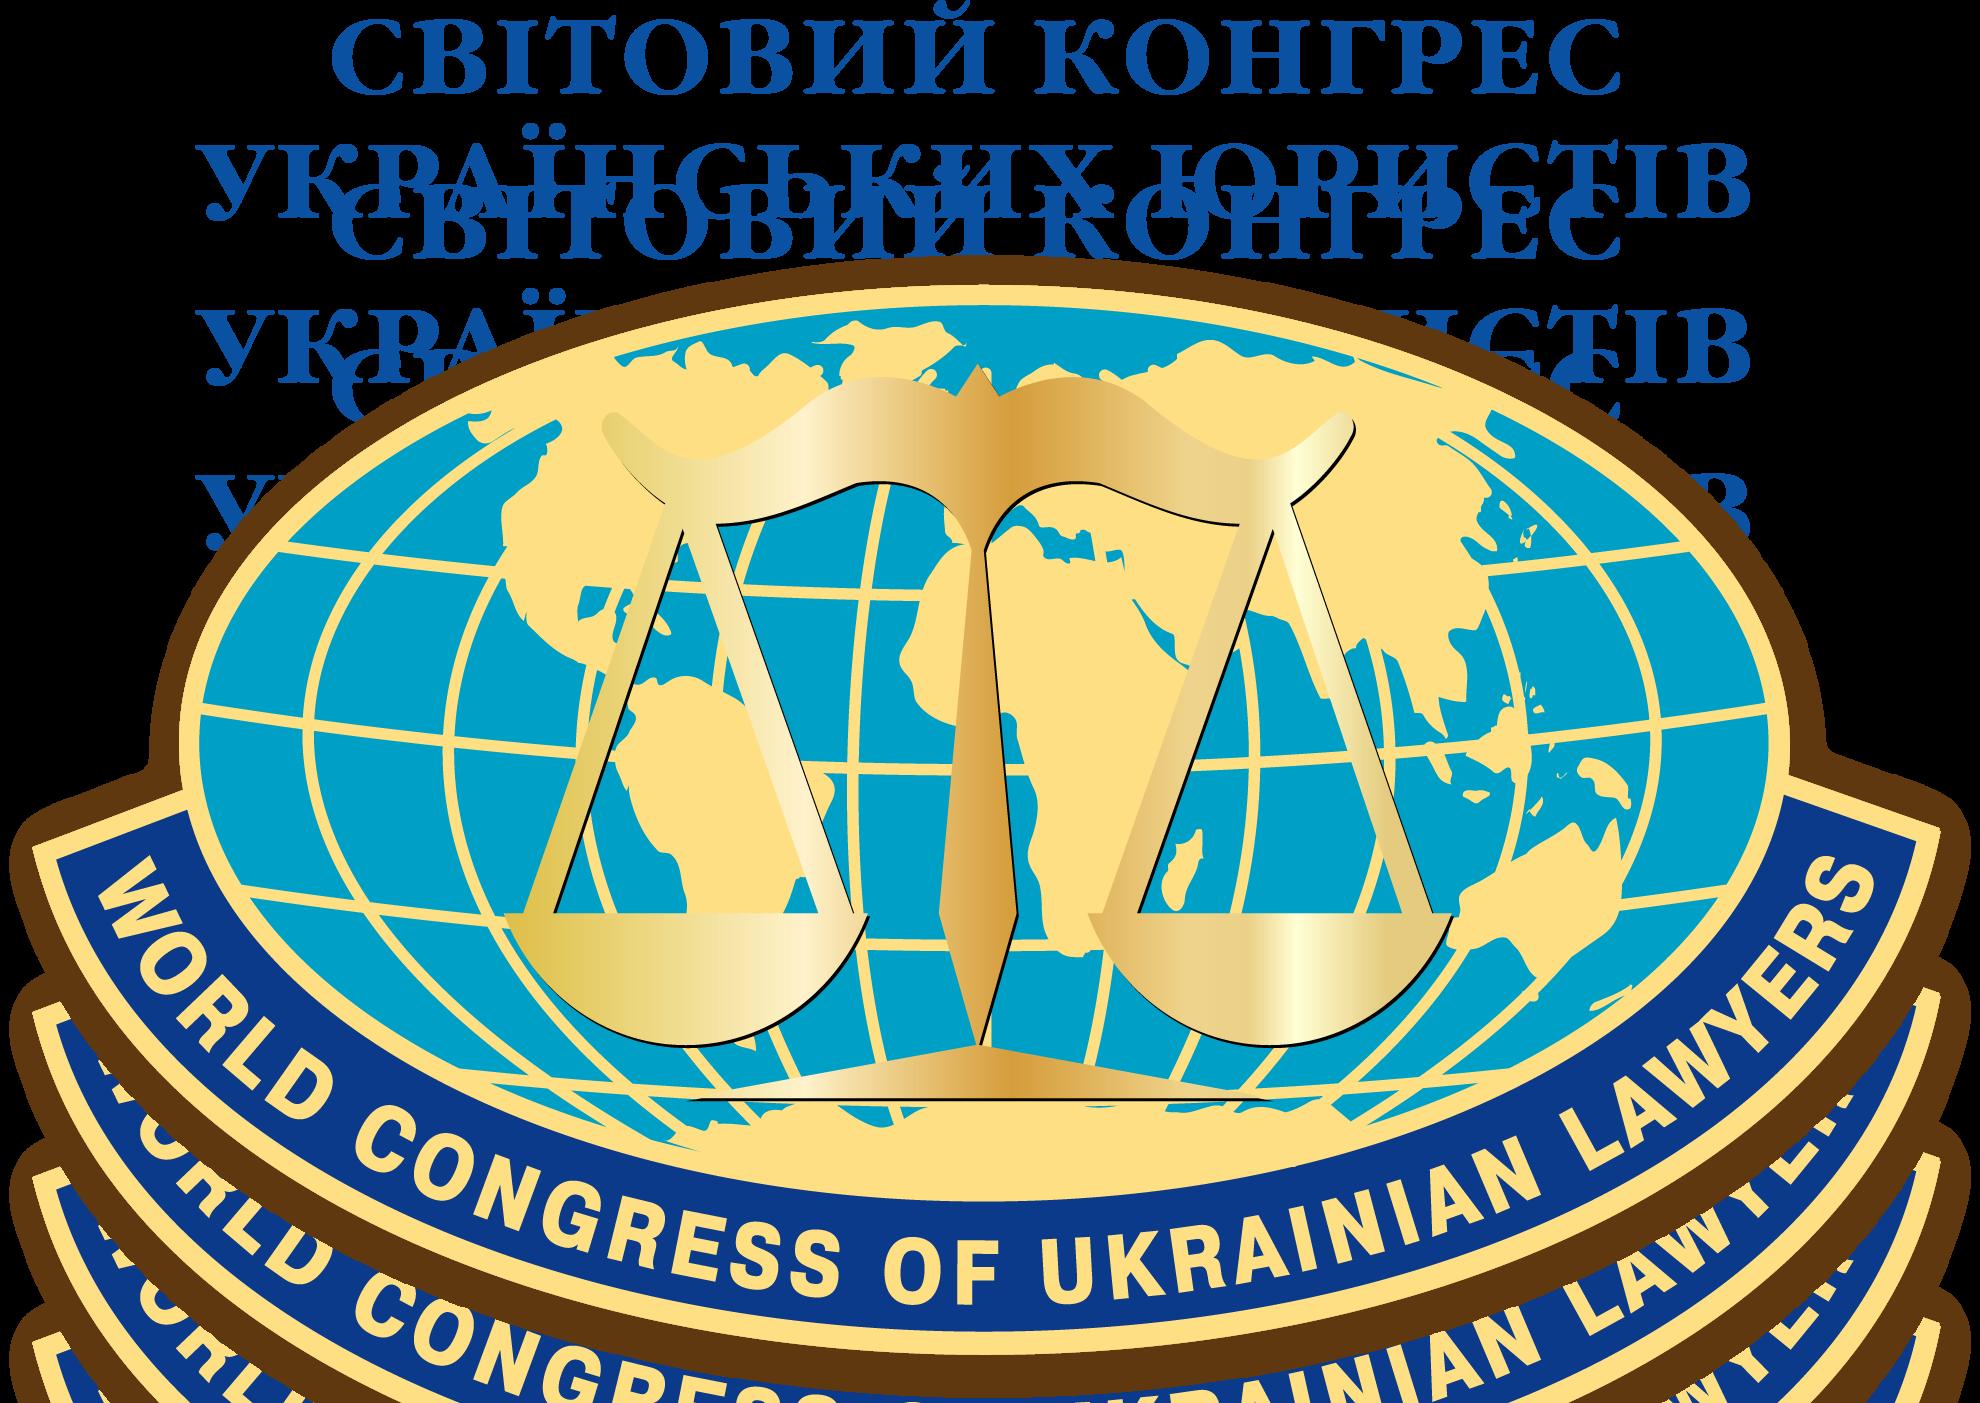 Відбулися чергові VIII Збори Світового Конгресу українських юристів (СКУЮ).